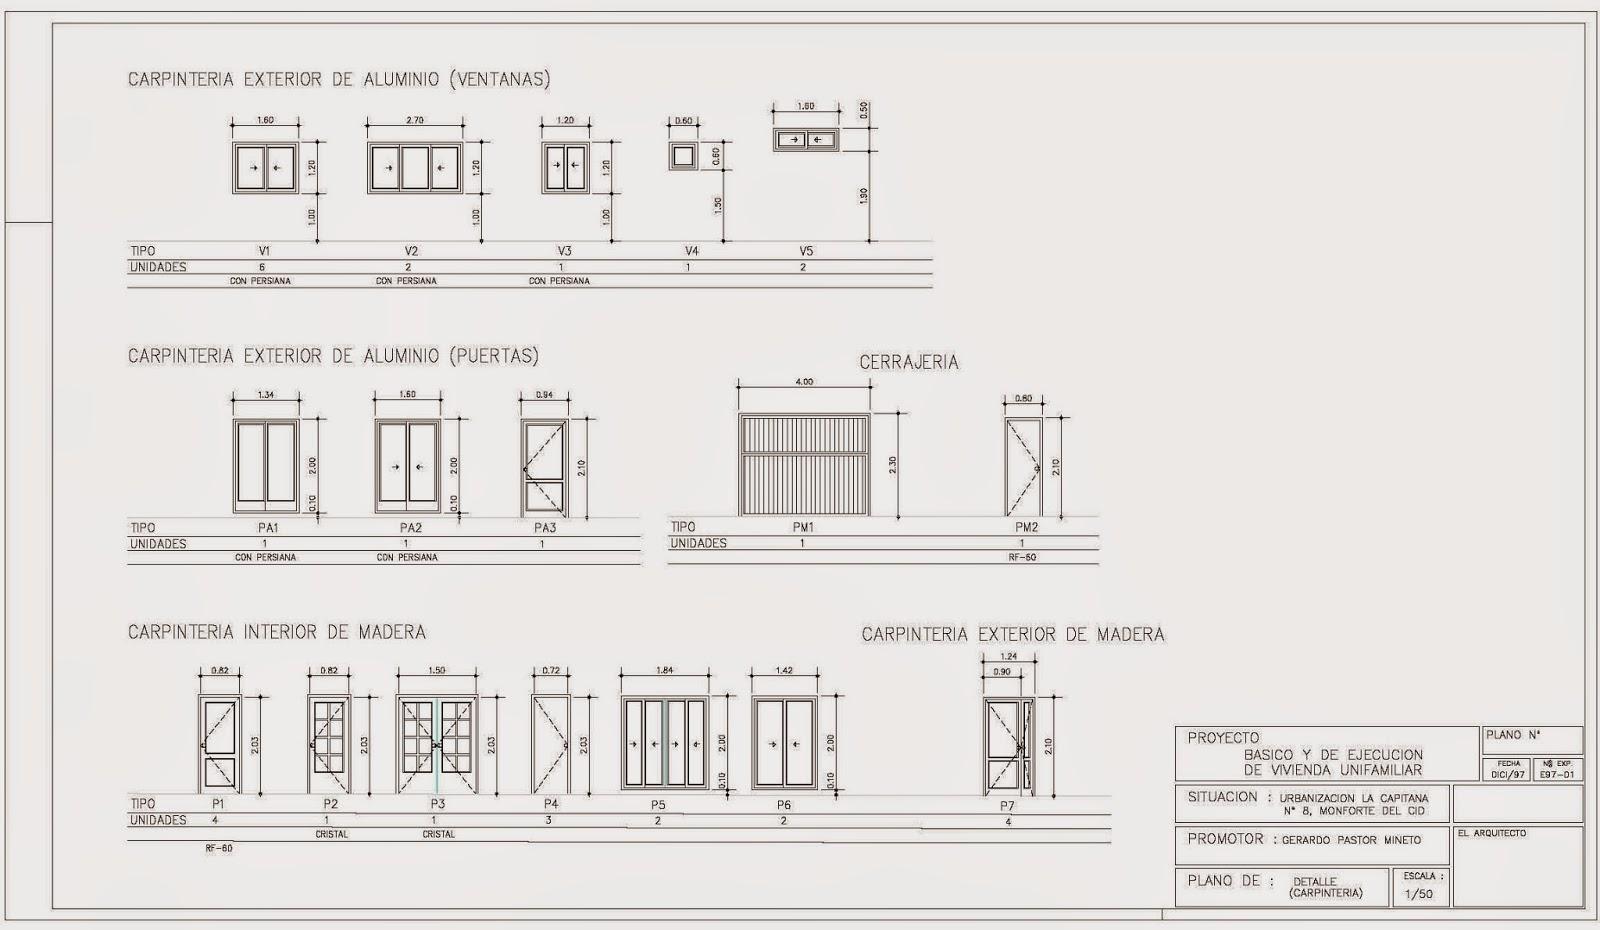 Rc i e s gran v a alicante pr ctica 10 19 20 21 planos for Planos de carpinteria de madera